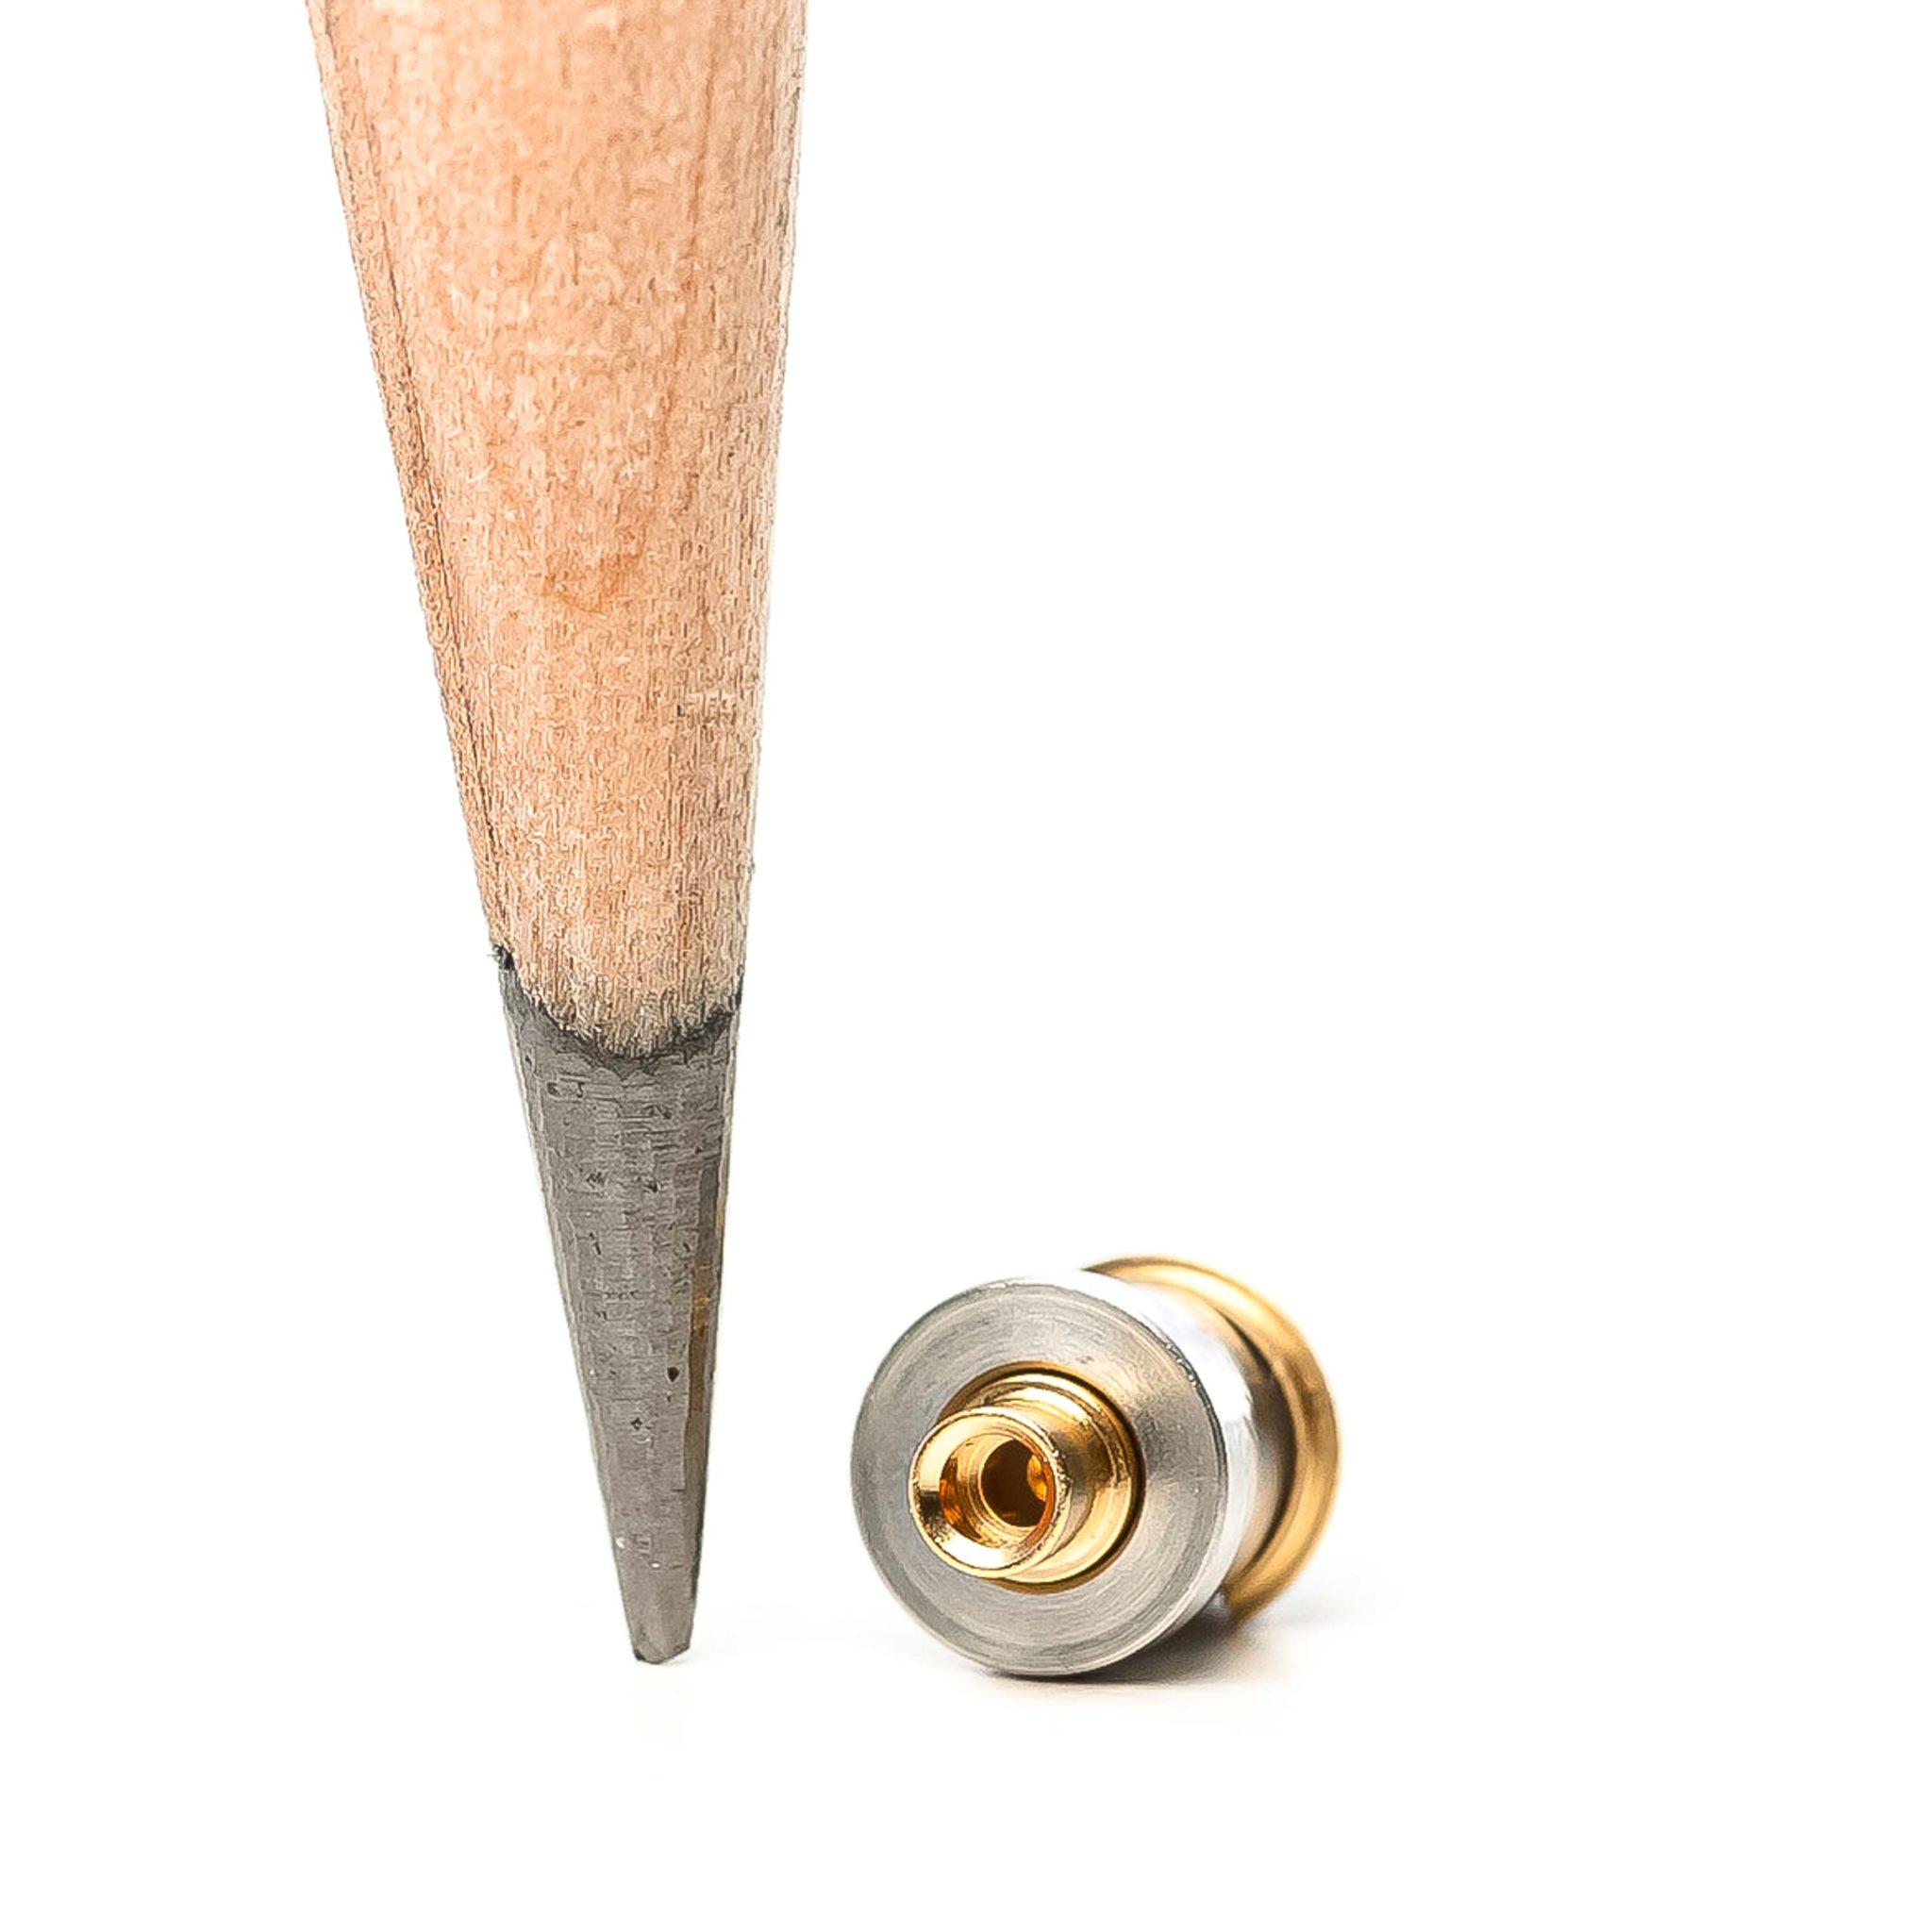 elspec connectors distribute 1